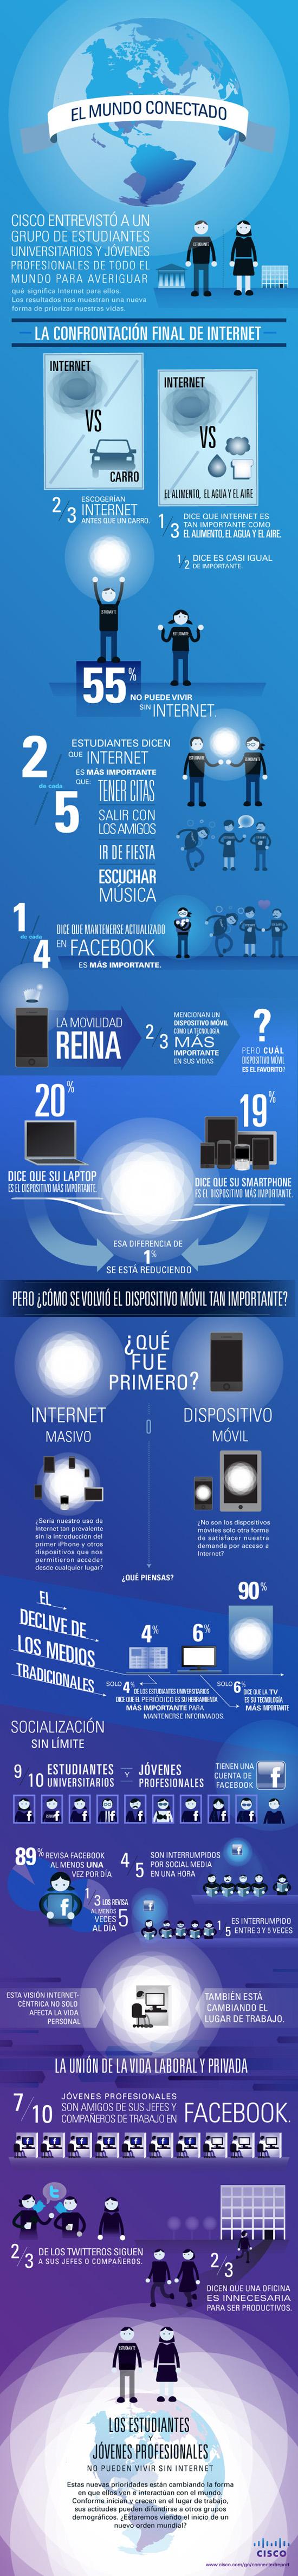 Infografía: Los jóvenes y el uso de Internet